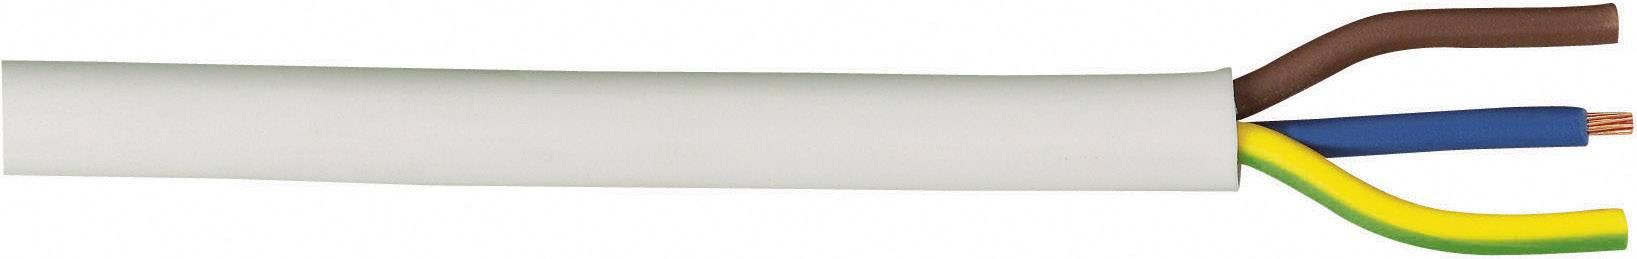 Vícežílový kabel LappKabel H05VV-F, 49900078, 3 G 1.50 mm², bílá, 10 m